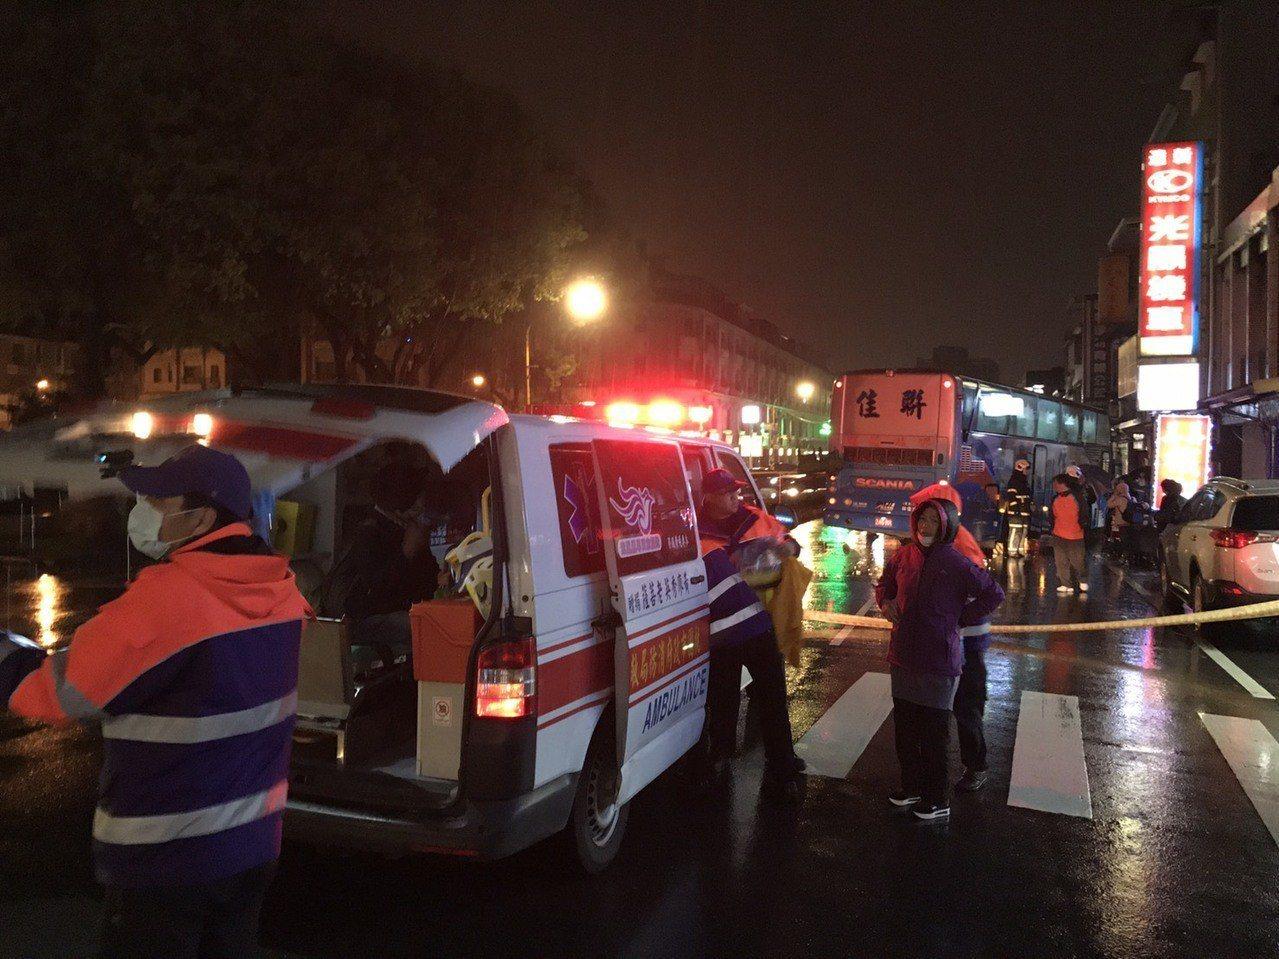 桃園市大溪區今晚19點多發生遊覽車事故,11名乘客受傷,目前送醫治療。記者許政榆...